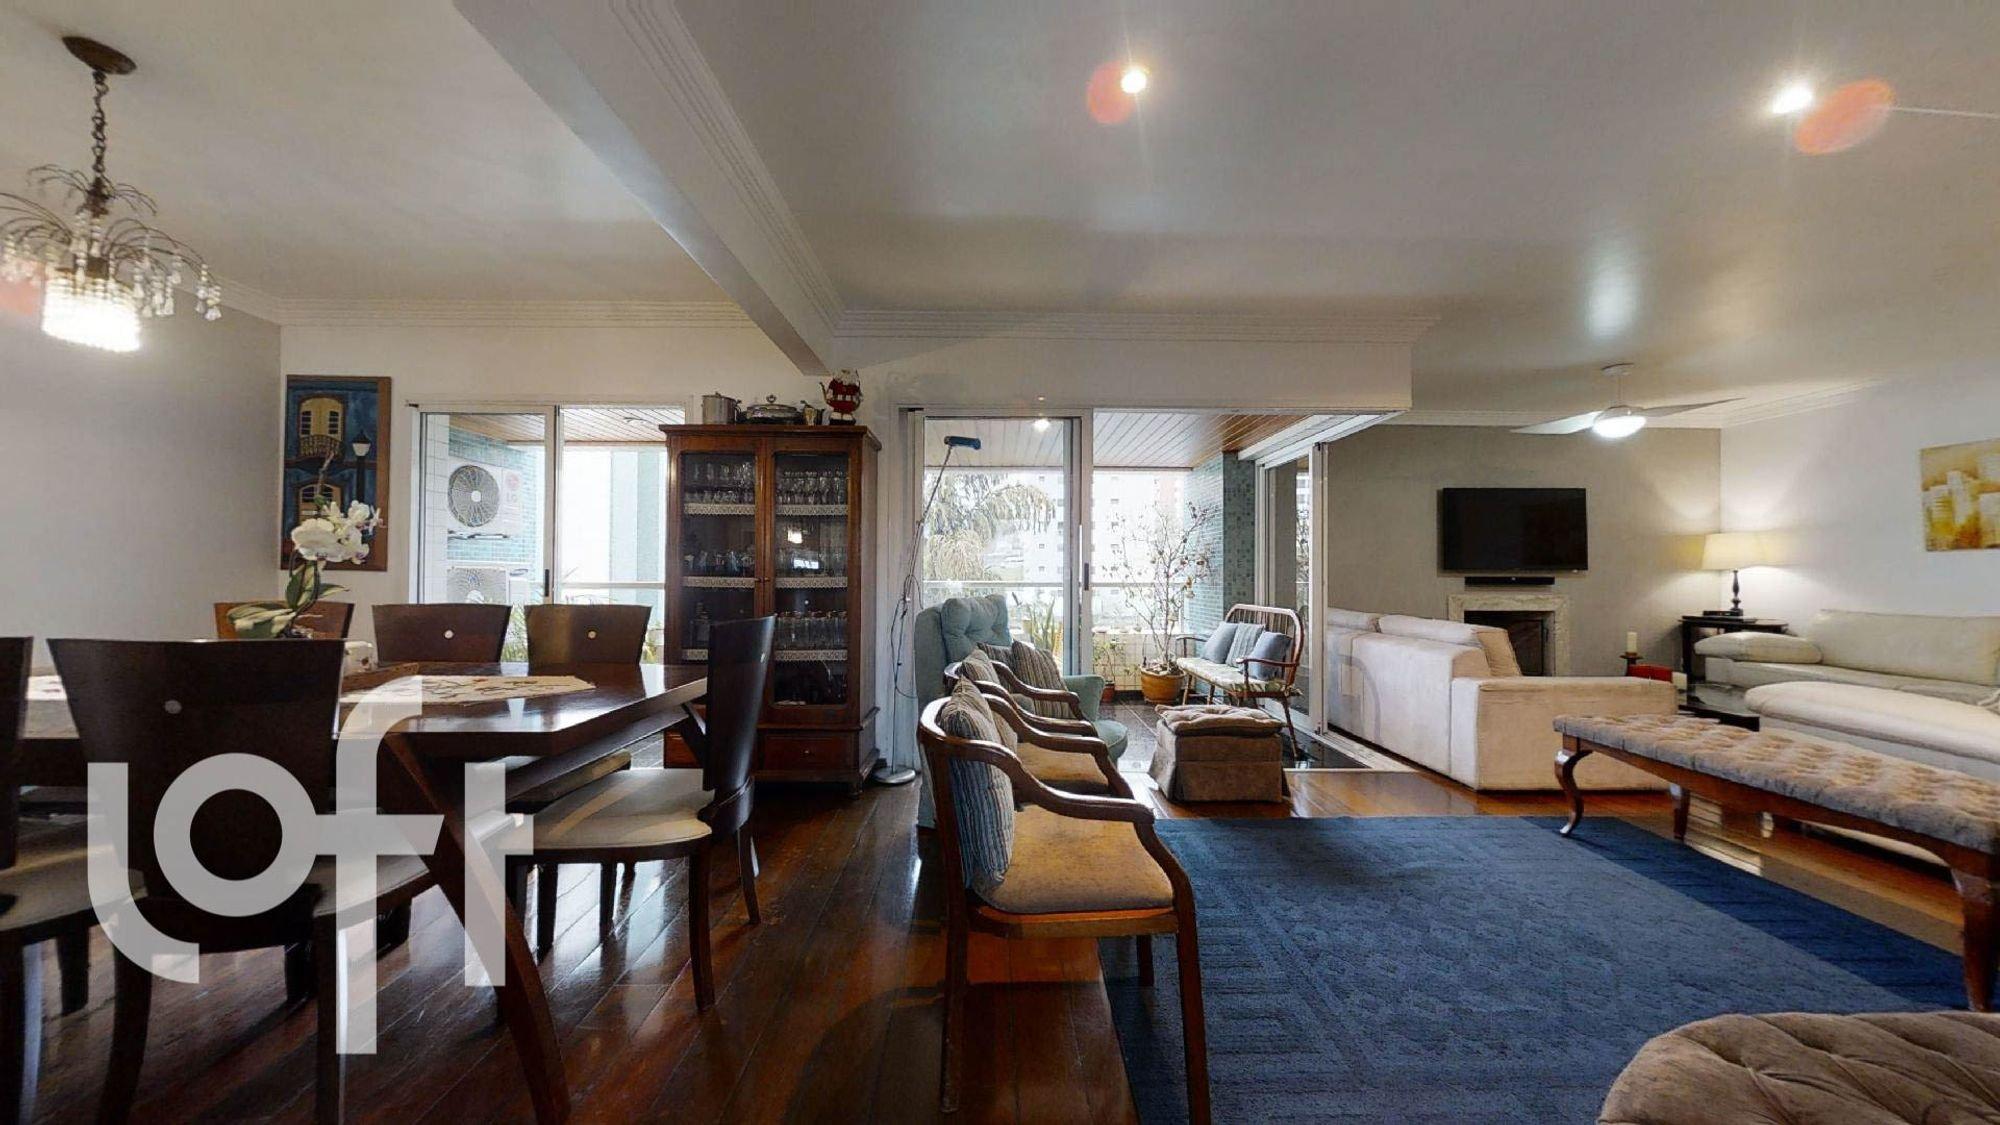 Foto de Sala com copo de vinho, sofá, televisão, cadeira